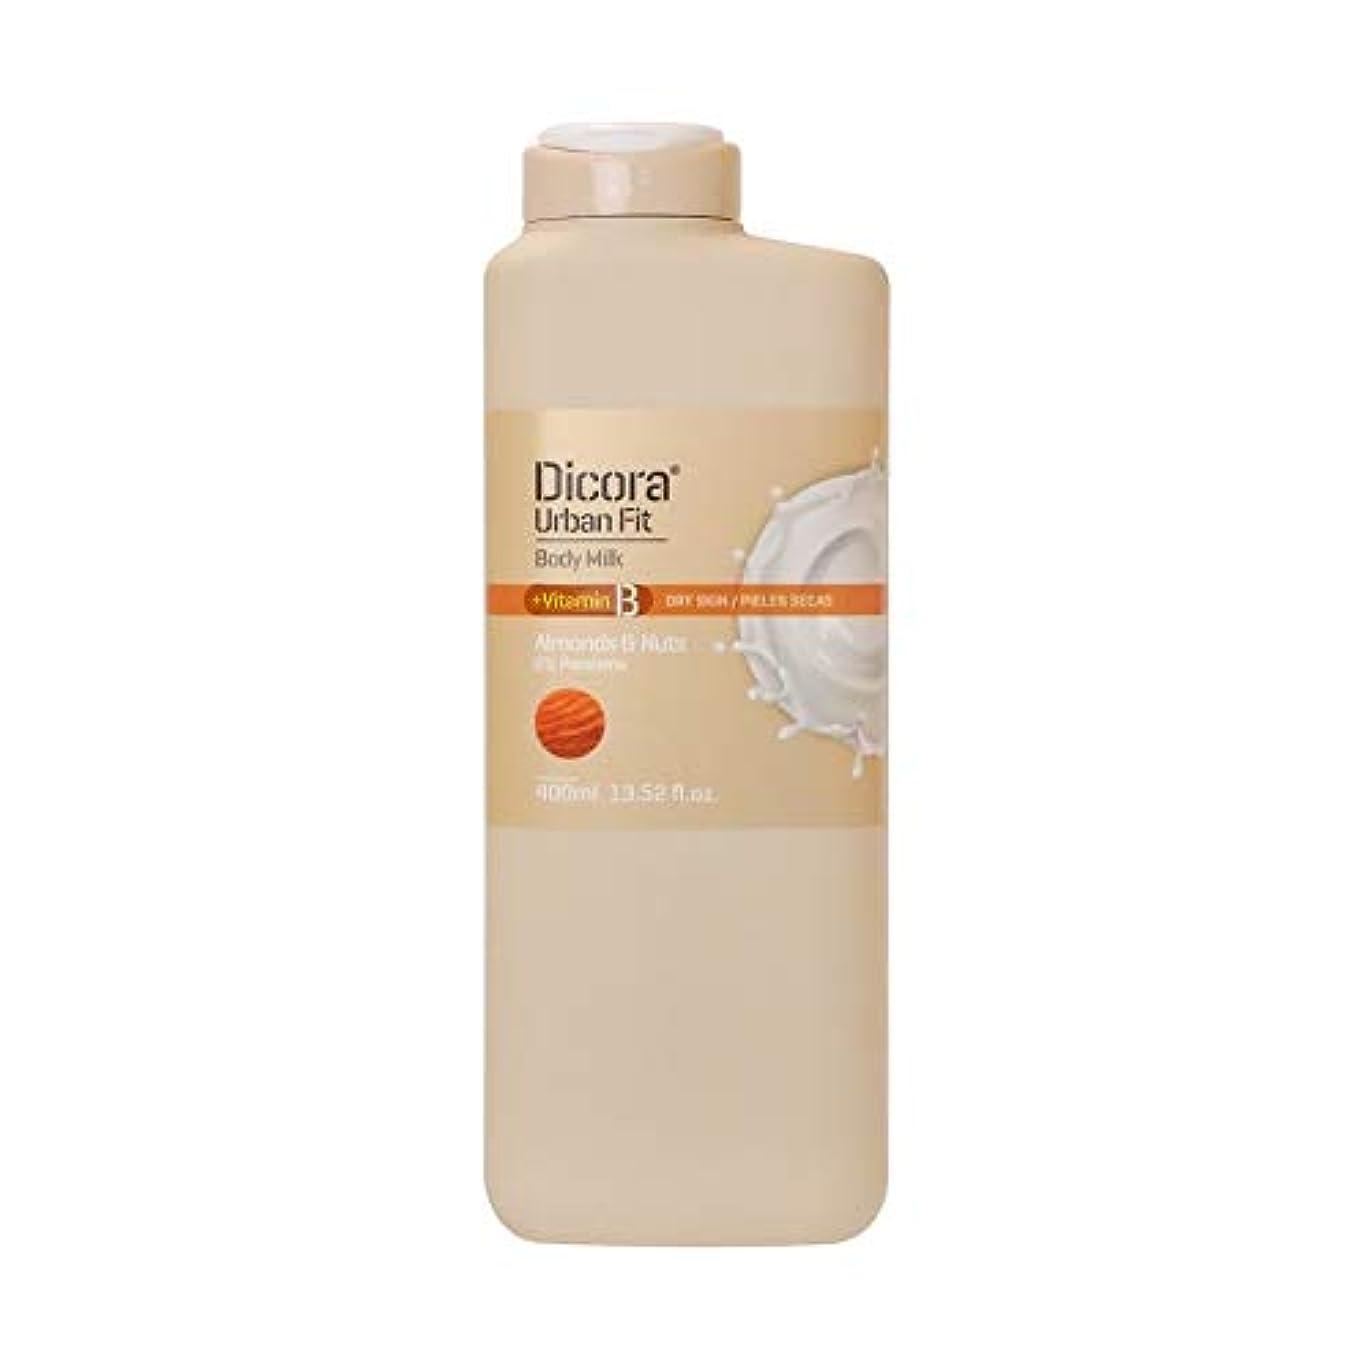 下線野生絶望Dicora(ディコラ) ディコラ アーバンフィット シャワージェル MK&ML 400ml ボディクリーム アーモンド & ナッツの香り